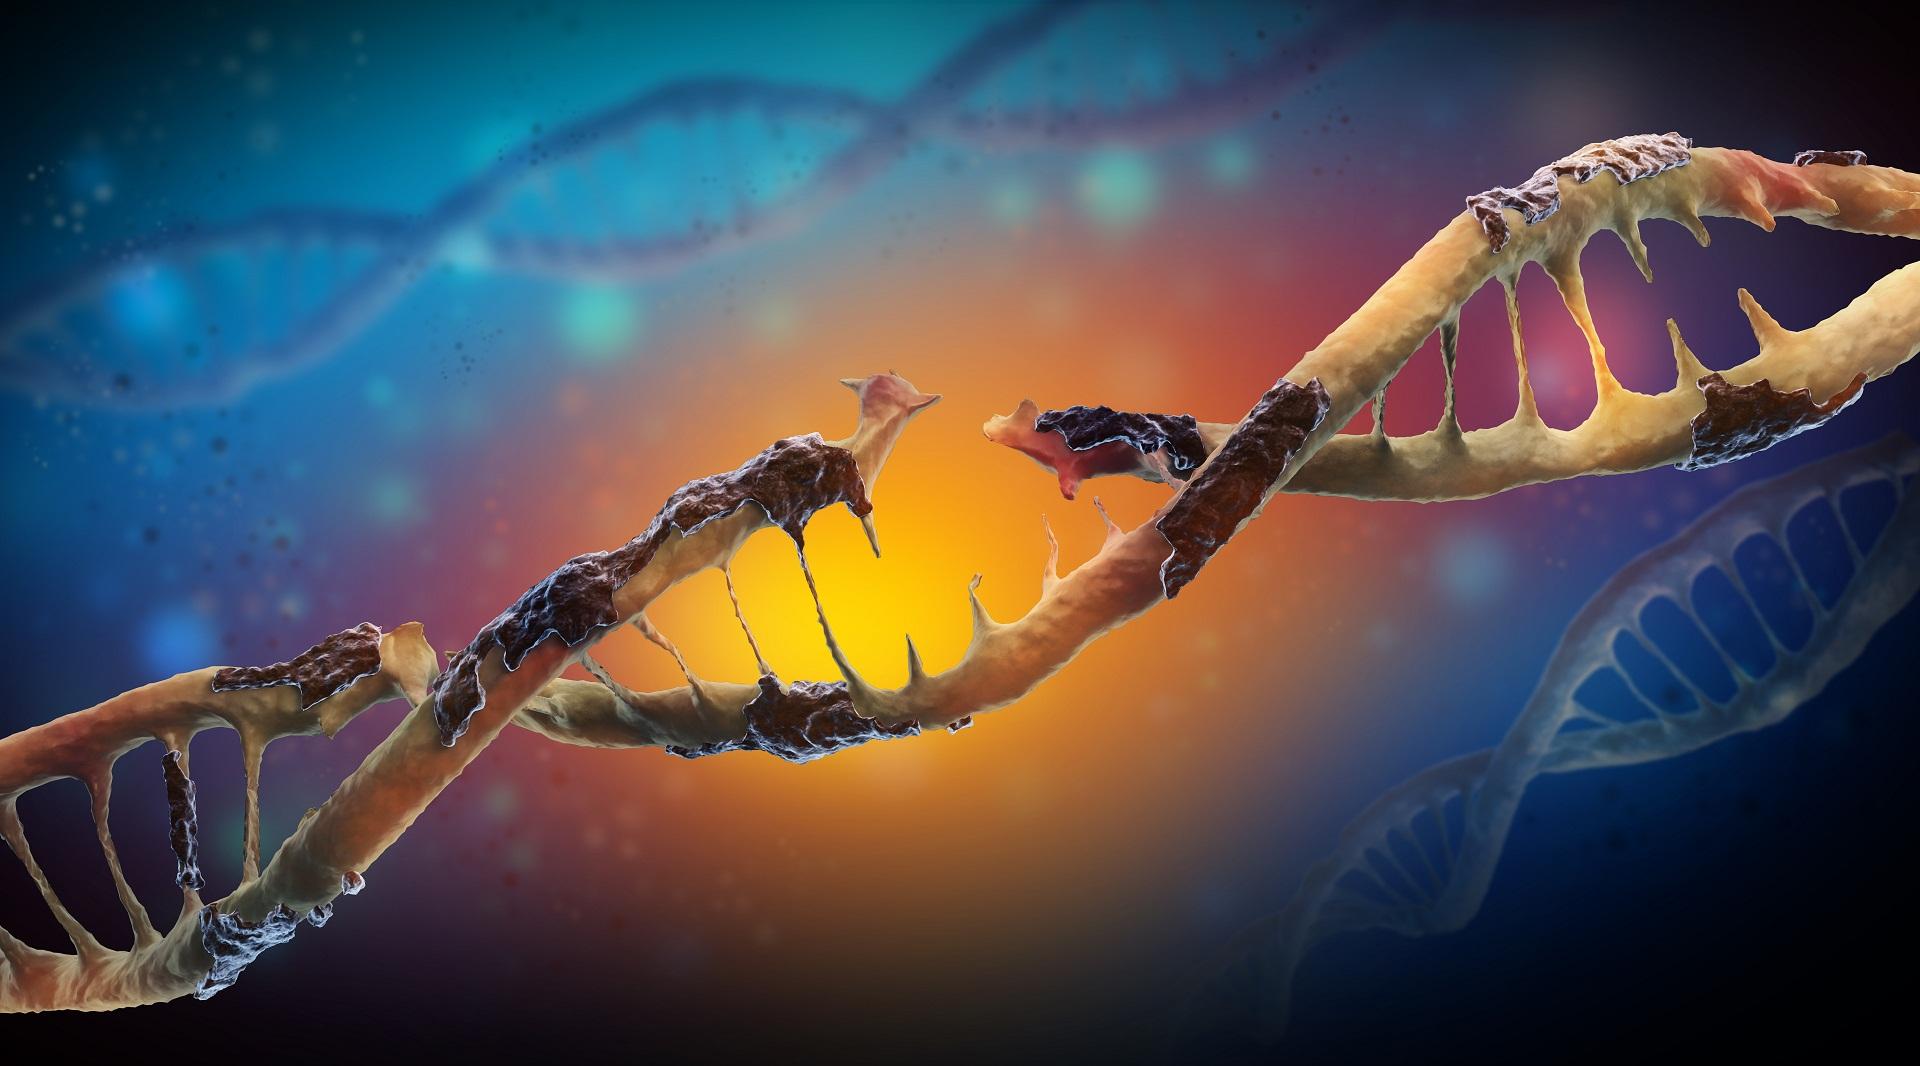 Mutação genética missense sentido trocado deleção inserção frameshift expansão de tripletos mutações genéticas sequenciamento completo do exoma genoma